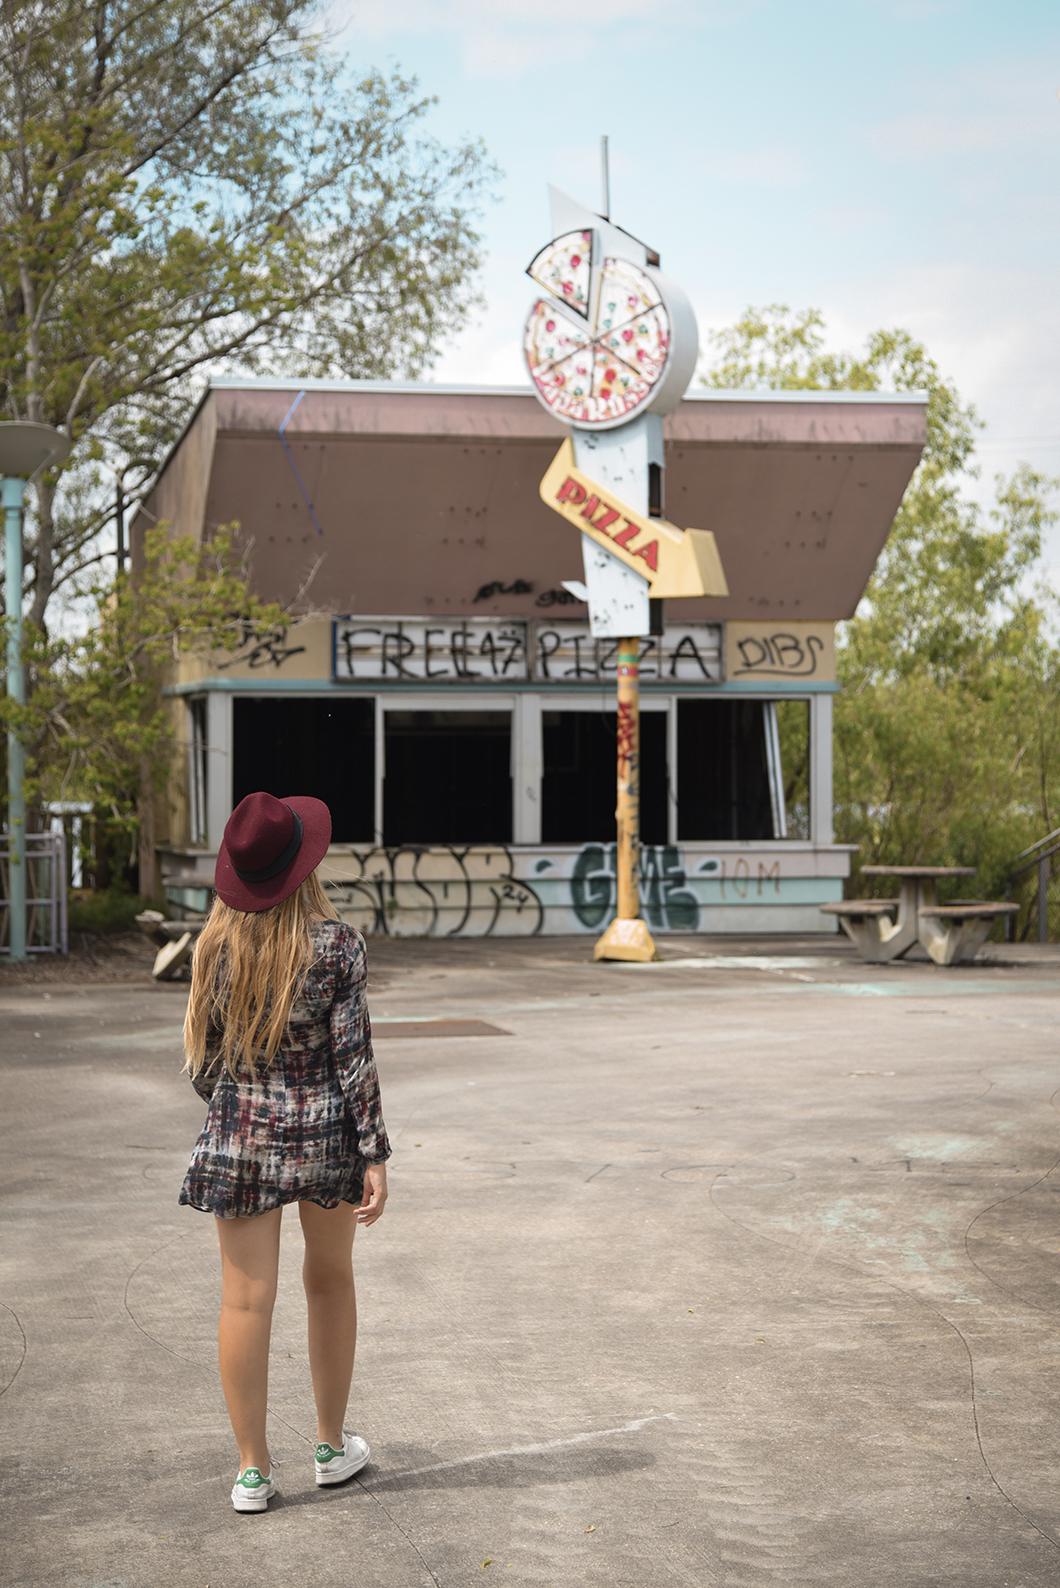 Visite deSix Flags, le parc abandonné de la Nouvelle Orléans